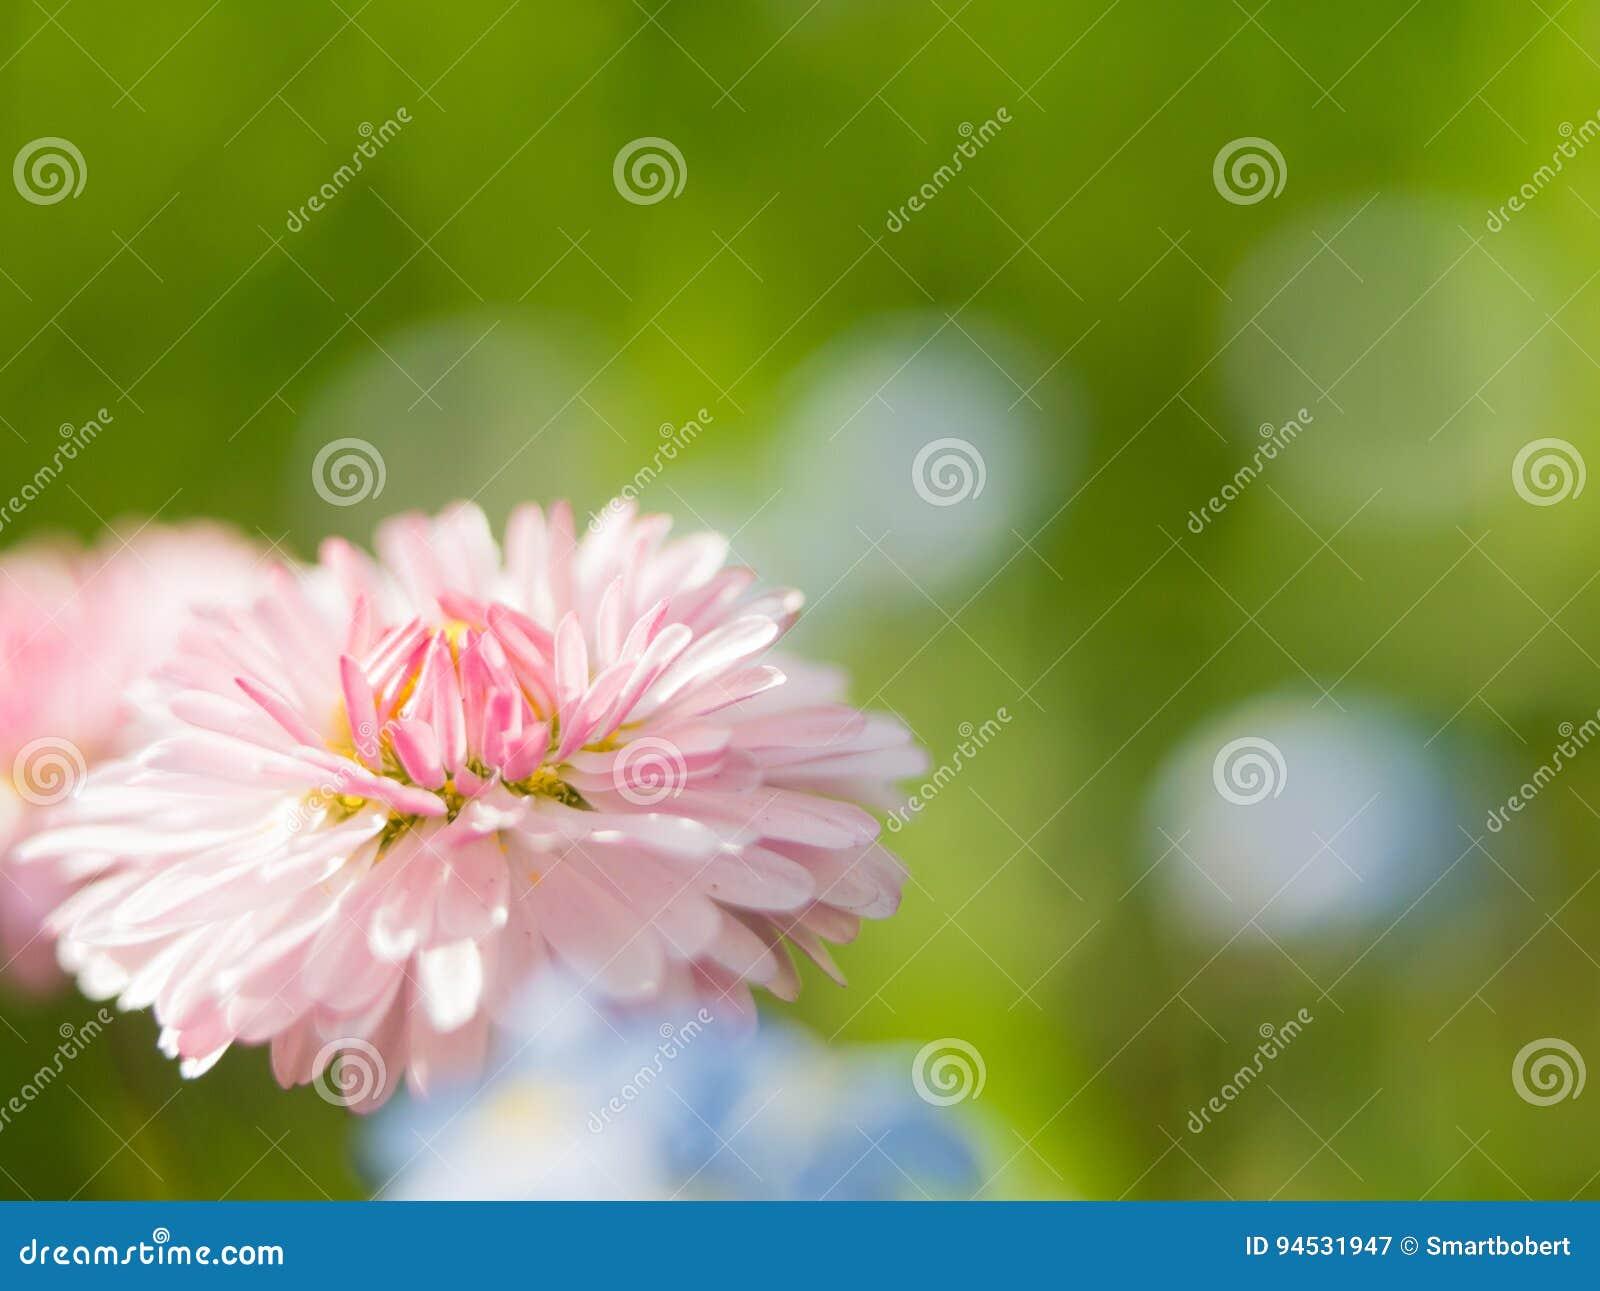 Vistoso Flor En Uña Colección de Imágenes - Ideas Para Pintar Uñas ...